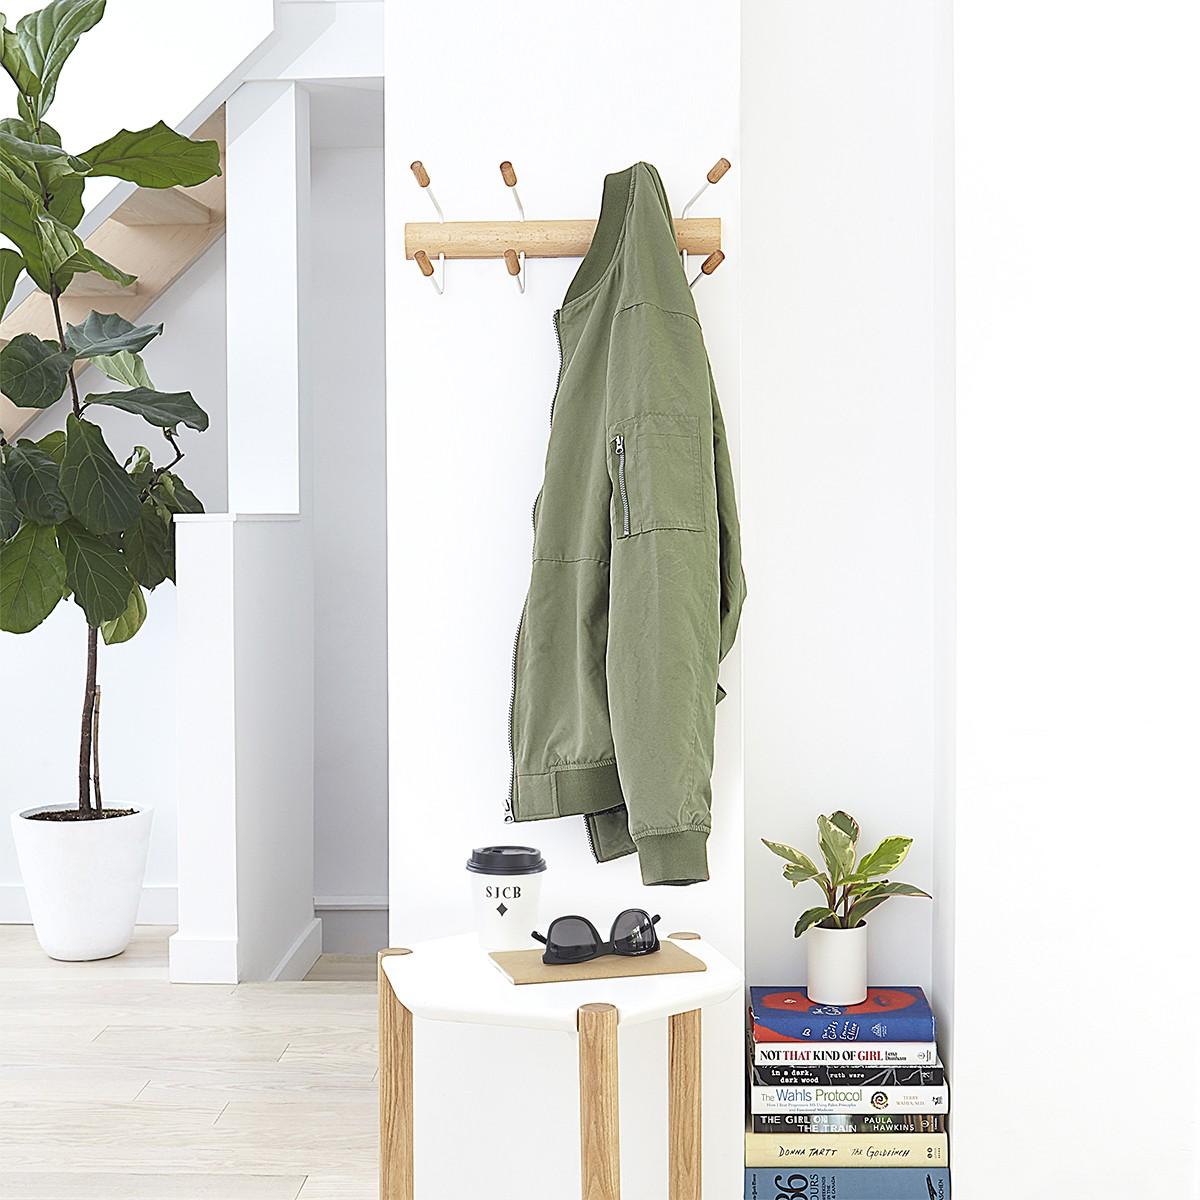 Porte manteau en bois et métal blanc à fixer ou à suspendre à une porte